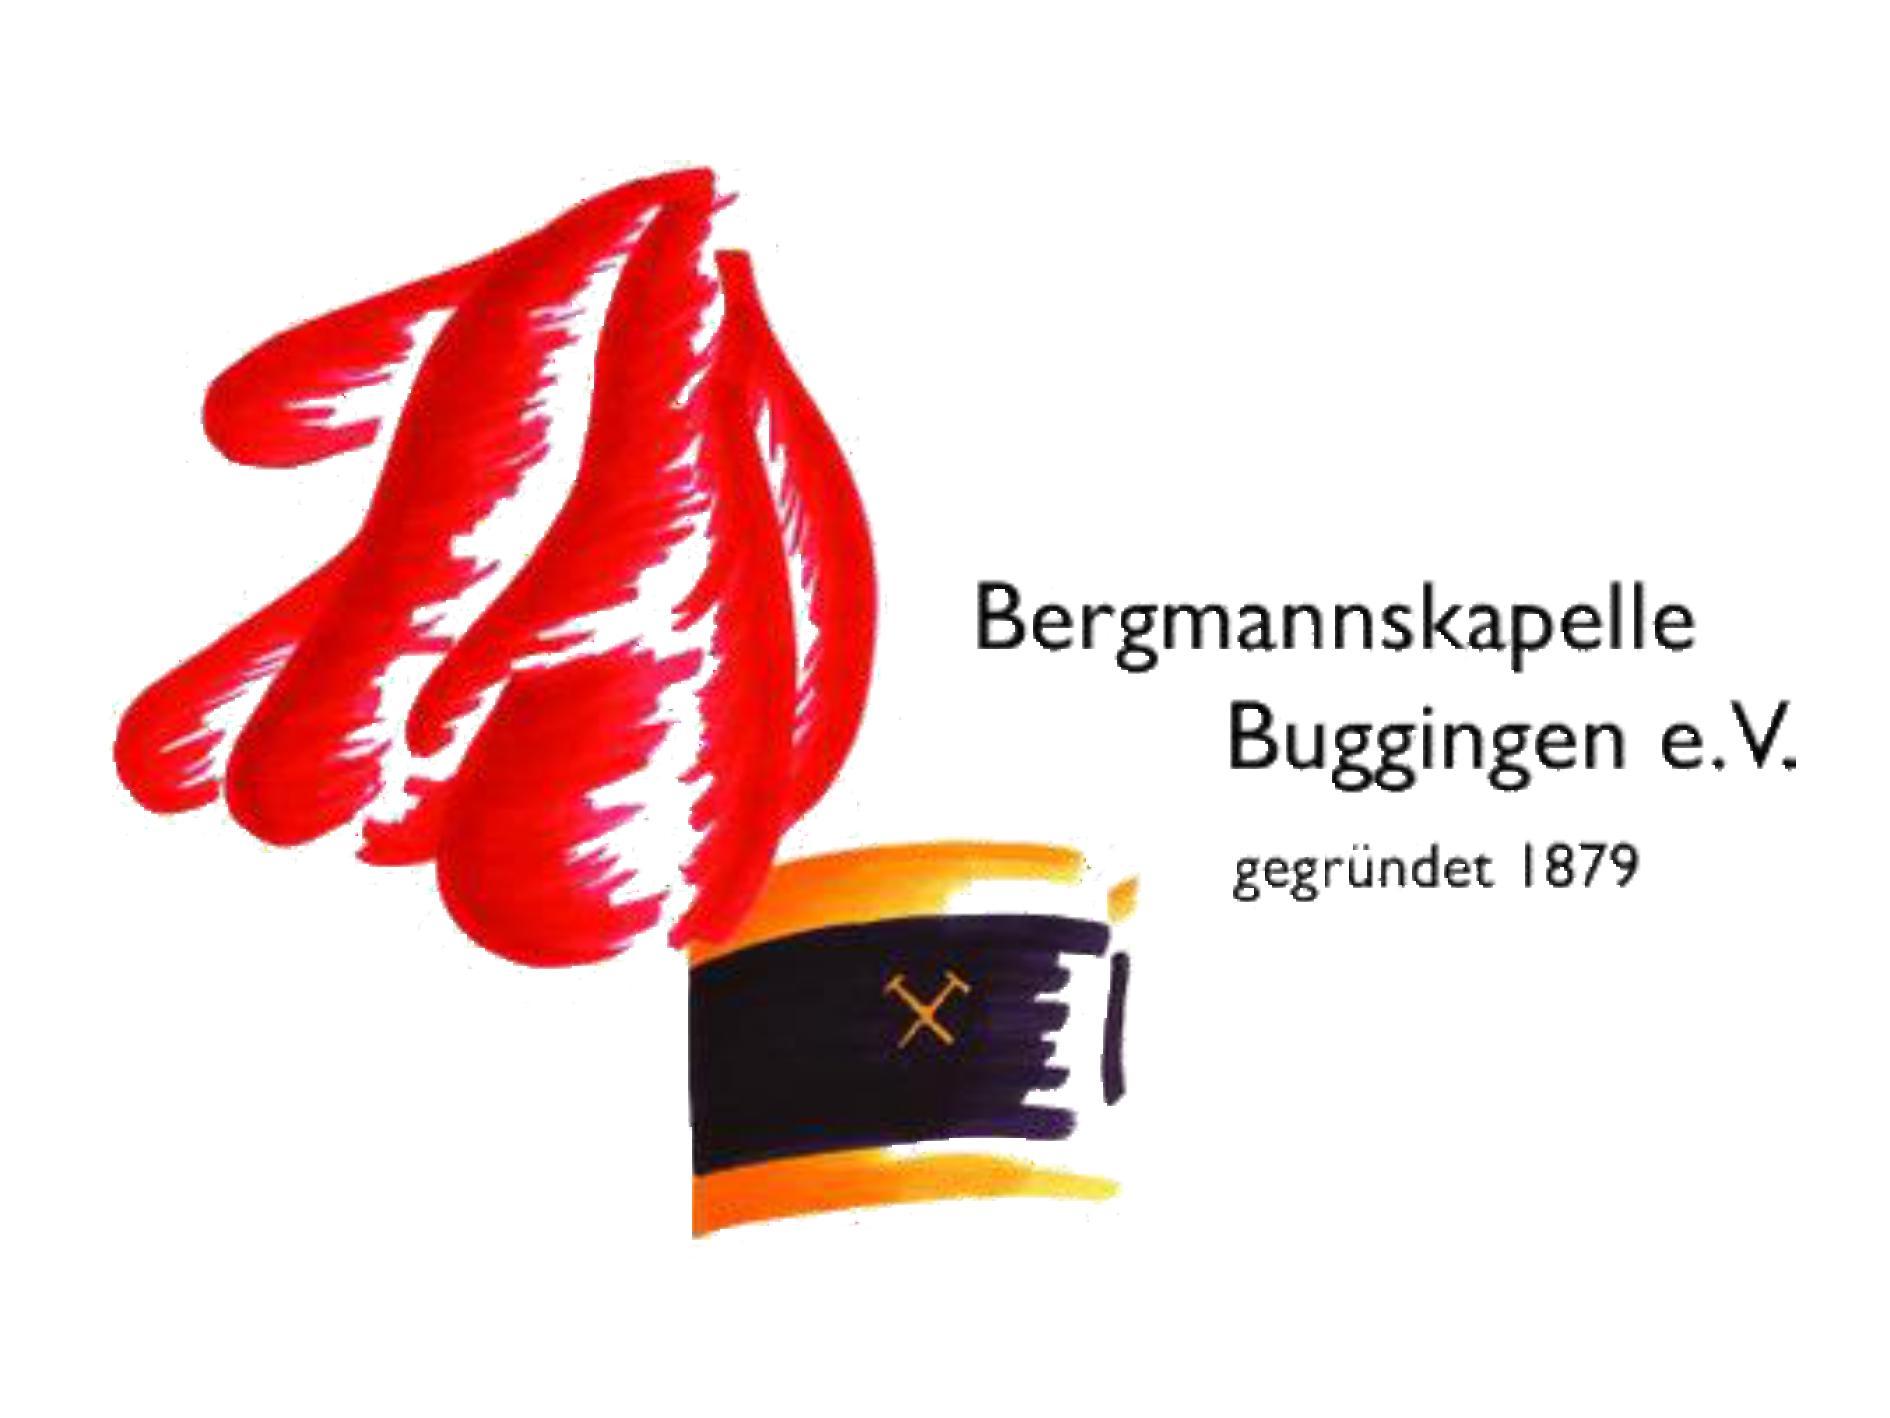 Bergmannskapelle Buggingen